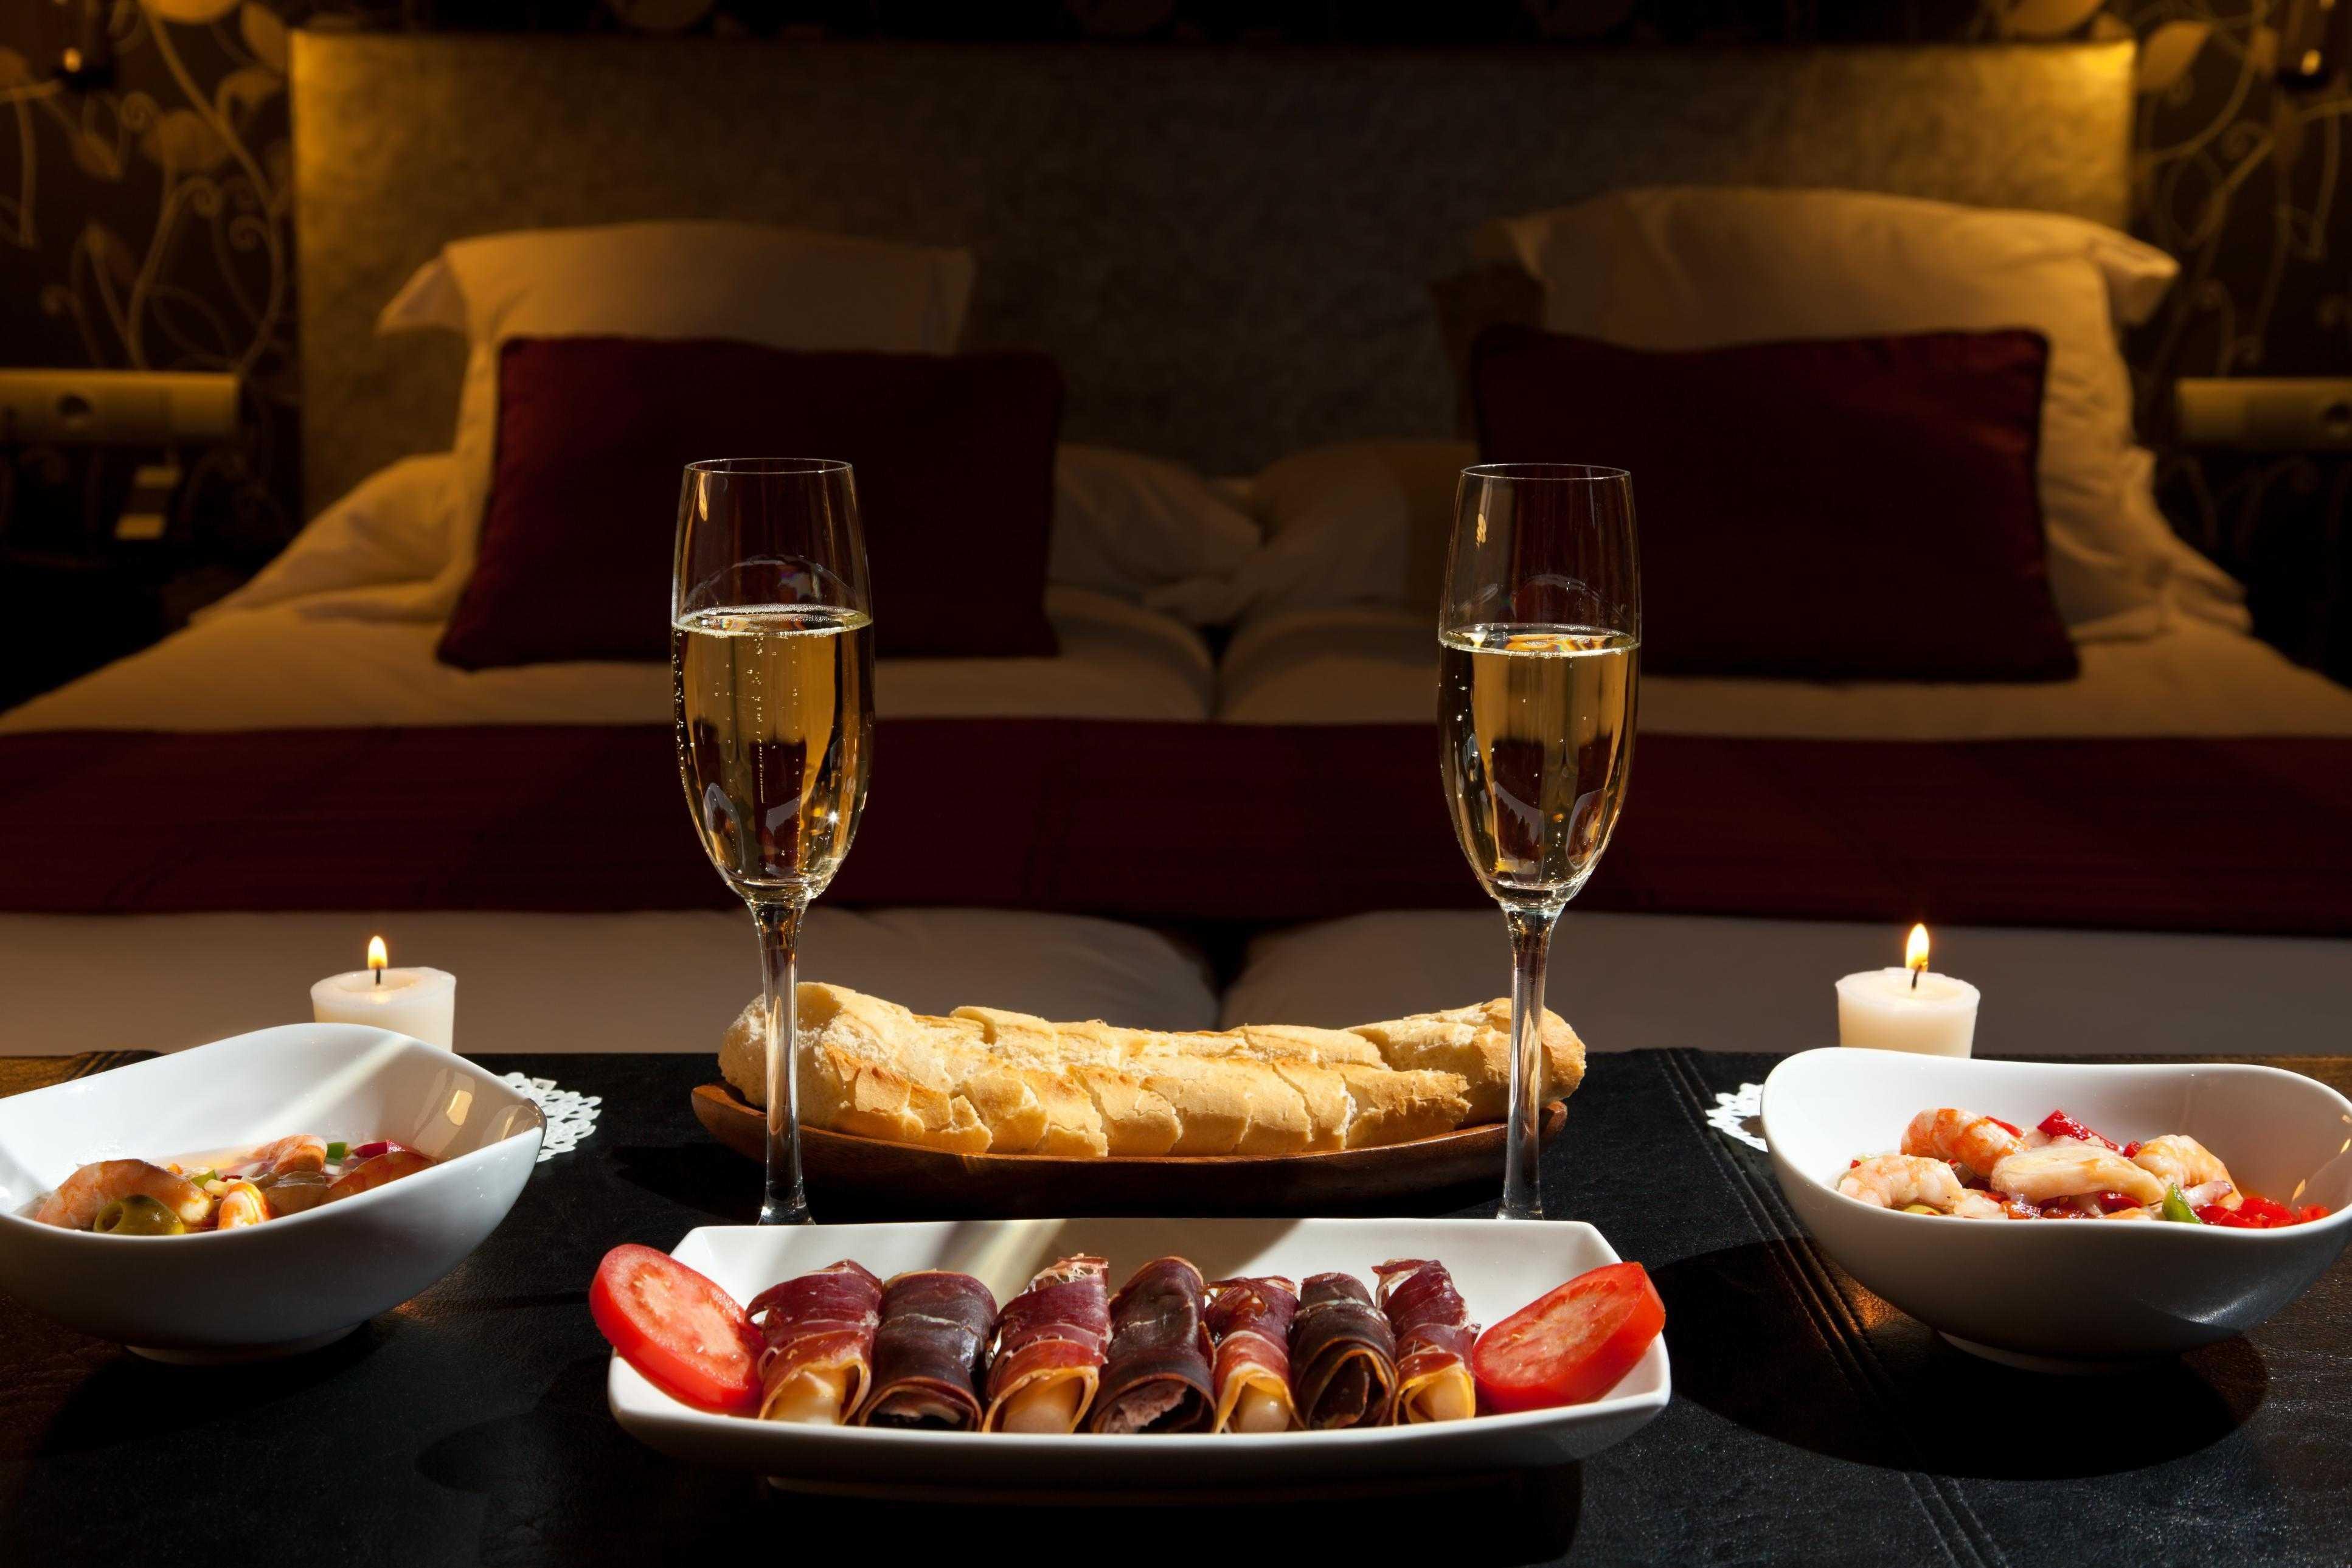 Романтический ужин на двоих: топ-10 закусок, салатов и десертов   wmj.ru